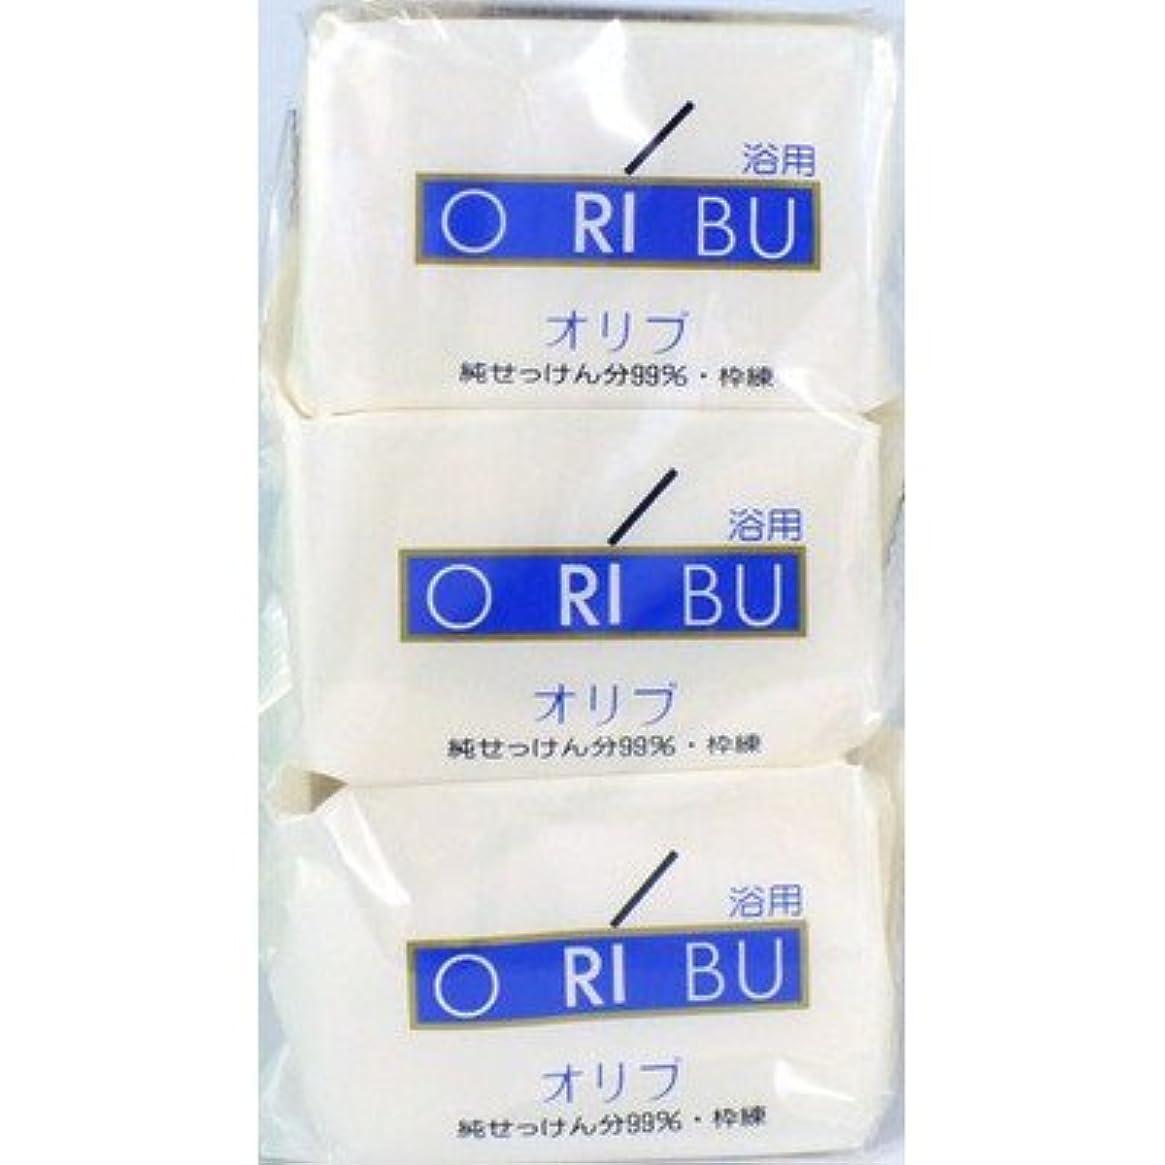 銅予想する名前暁石鹸 ORIBU オリブ 浴用石鹸 110g 3個入り